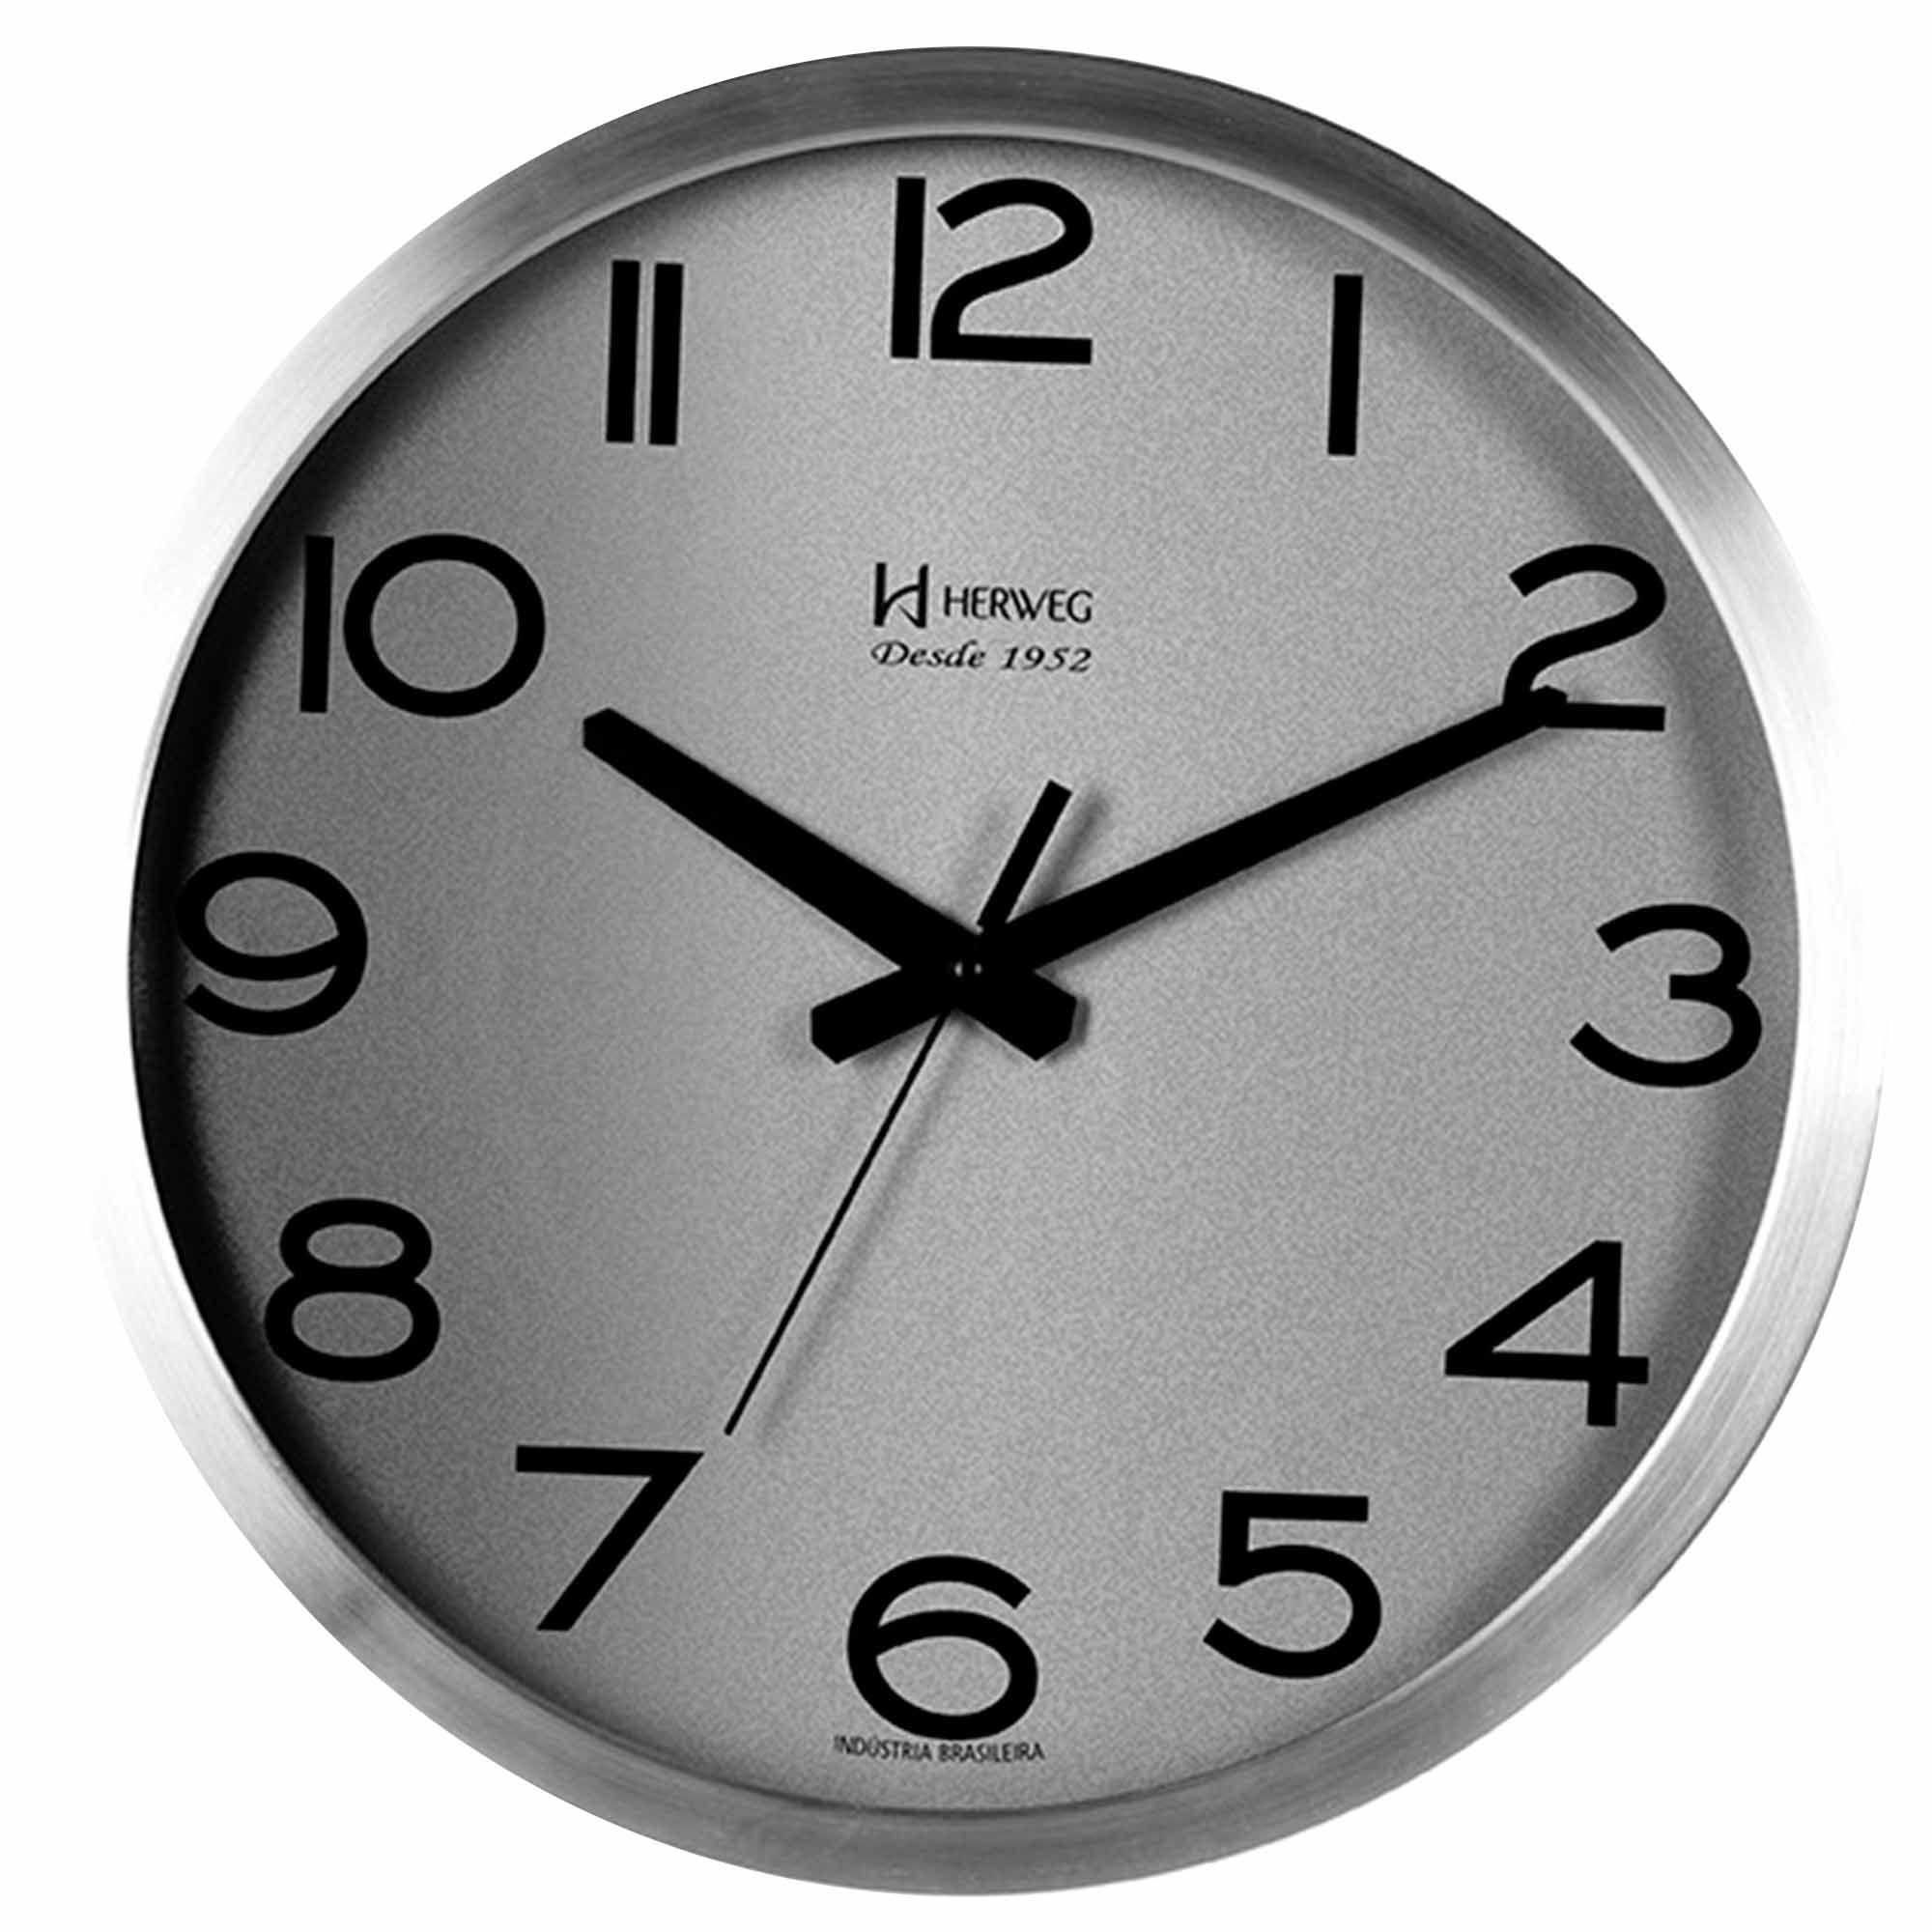 Relógio de Parede Analógico Herweg 6716 079 Alumínio